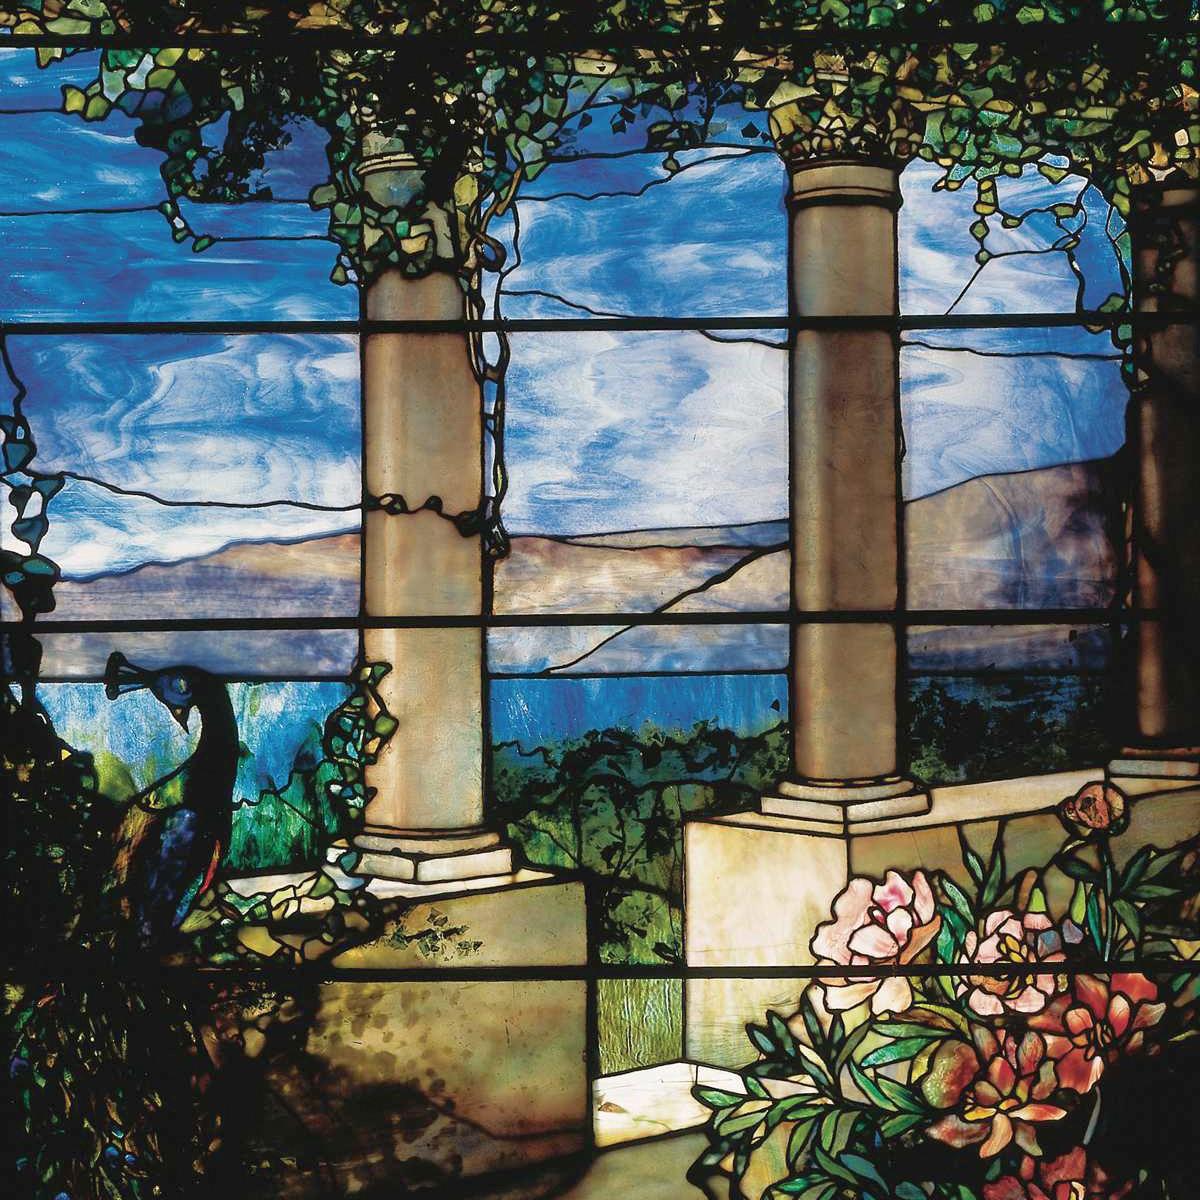 Orl_Att_The_Charles_Hosmer_Morse_Museum_of_American_Art